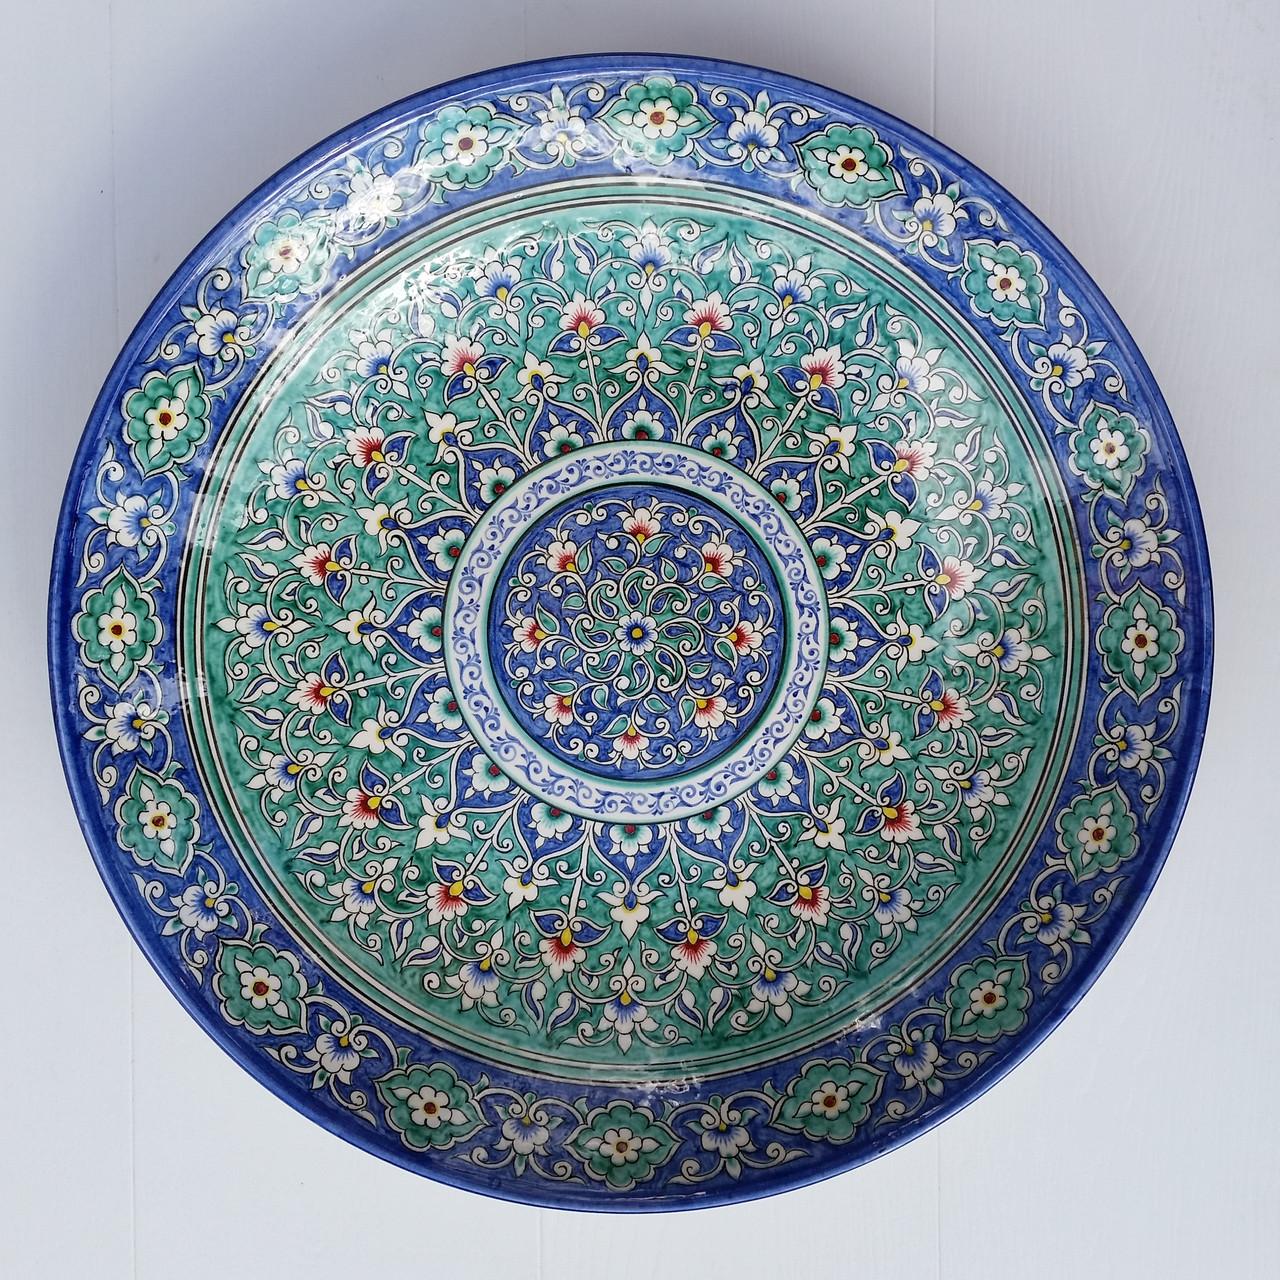 УЦЕНКА. Авторское блюдо из красной глины d 42 см. Узбекистан